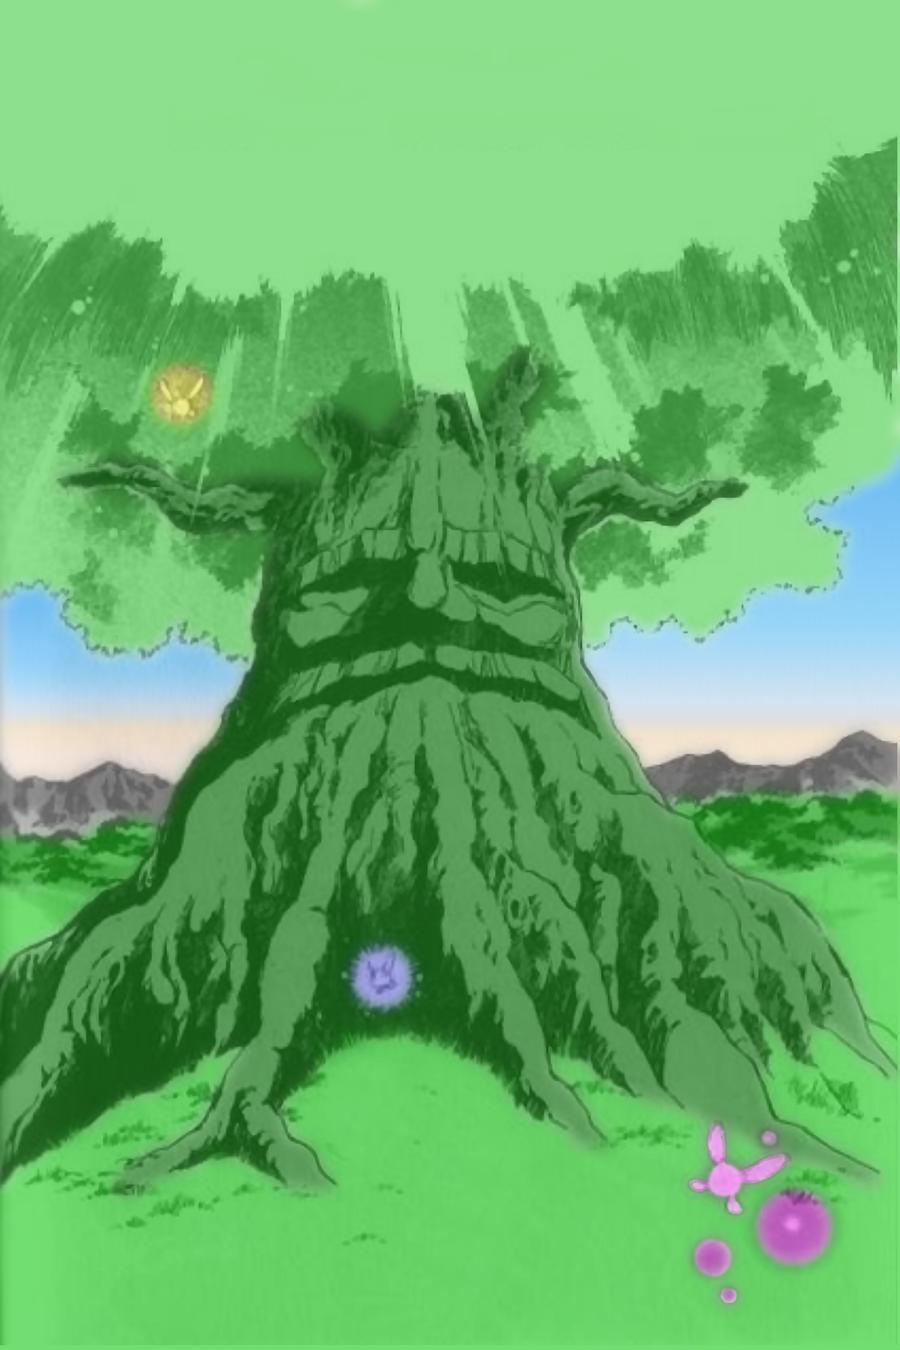 The Great Deku Tree by vanTol777